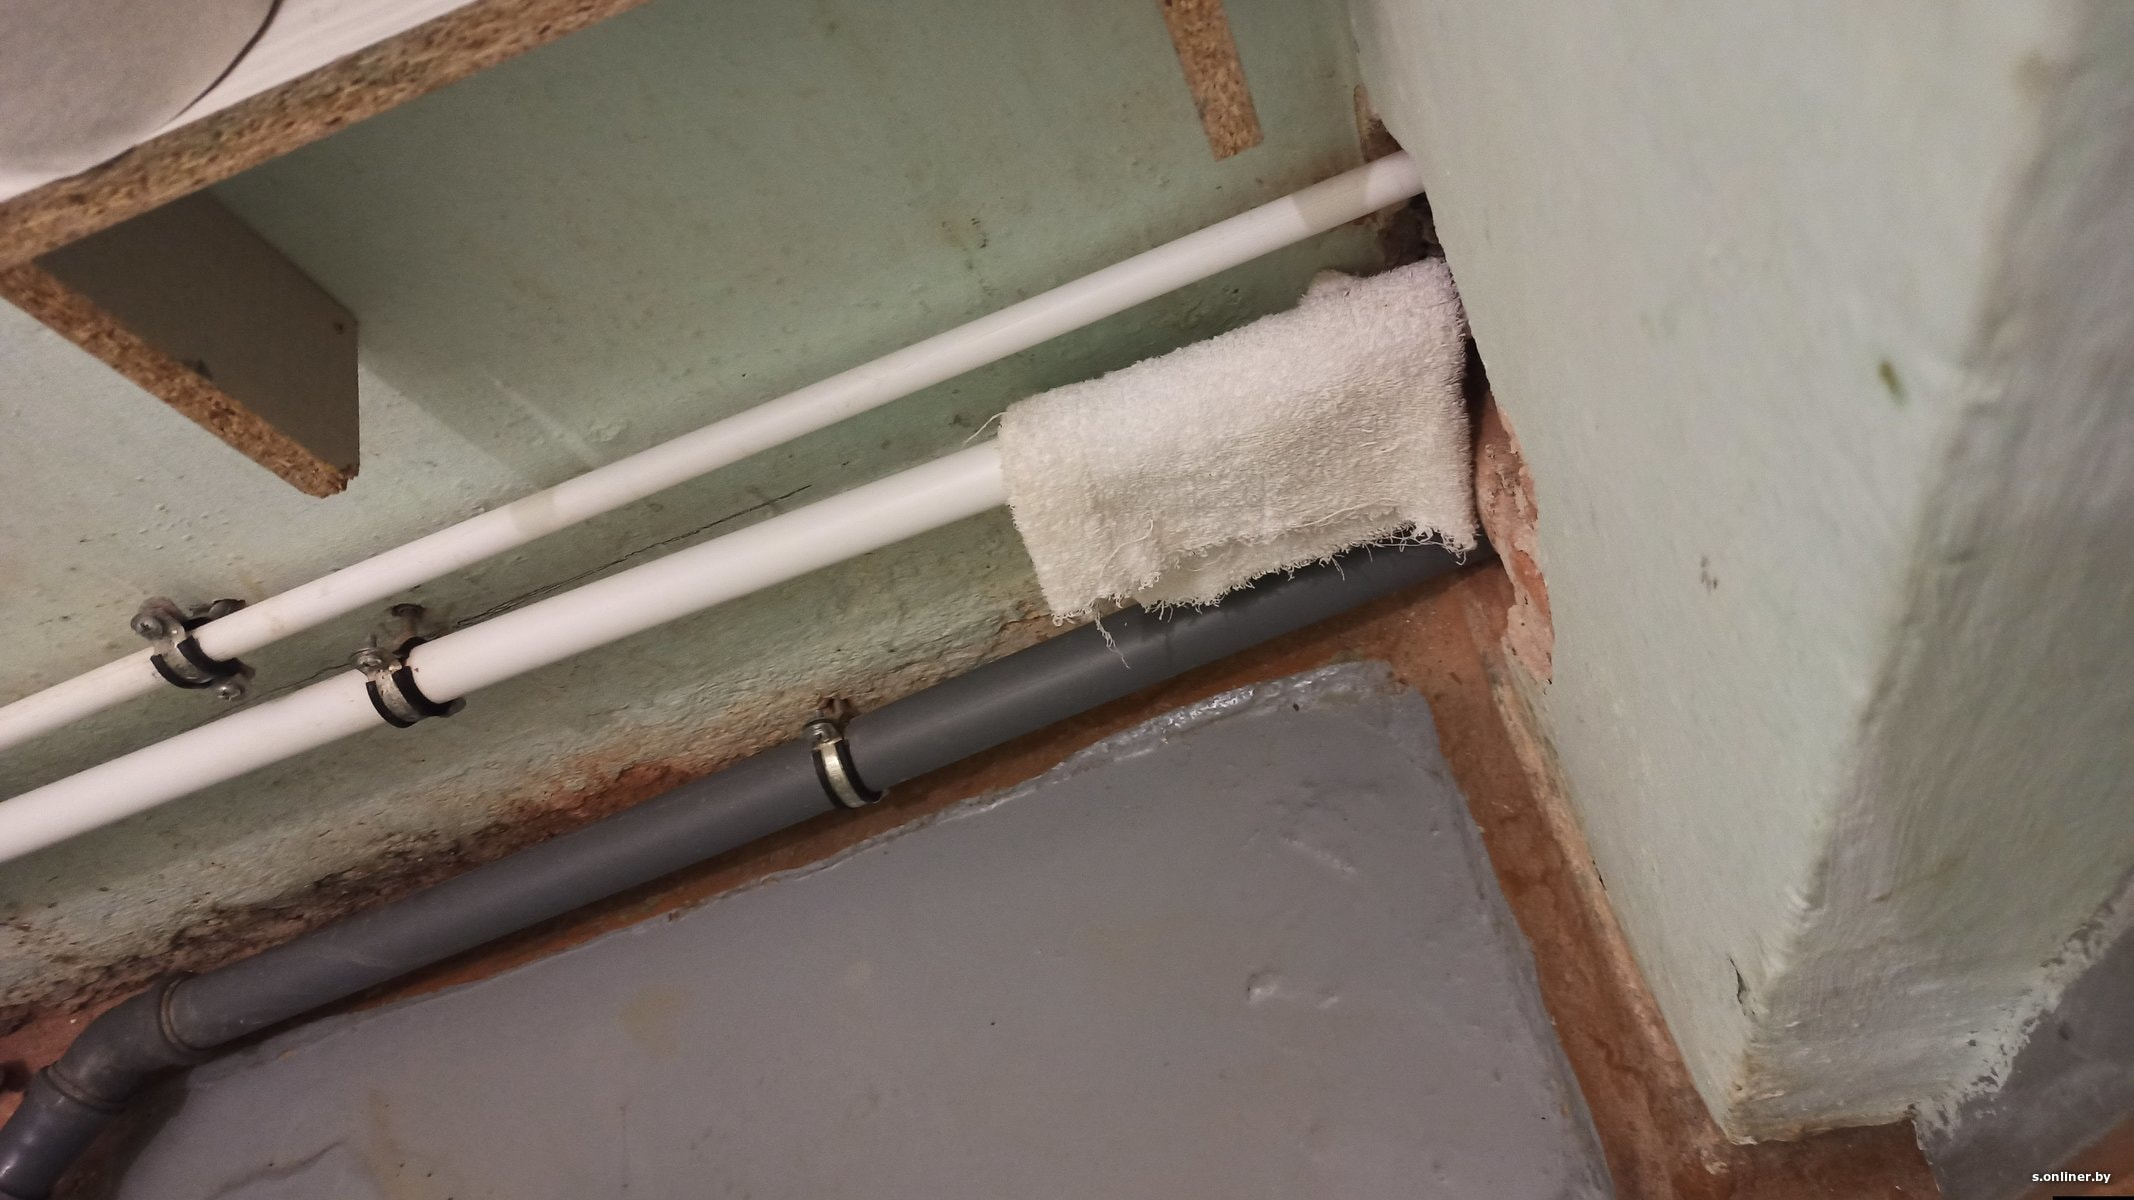 Организация уклона труб в системе отопления